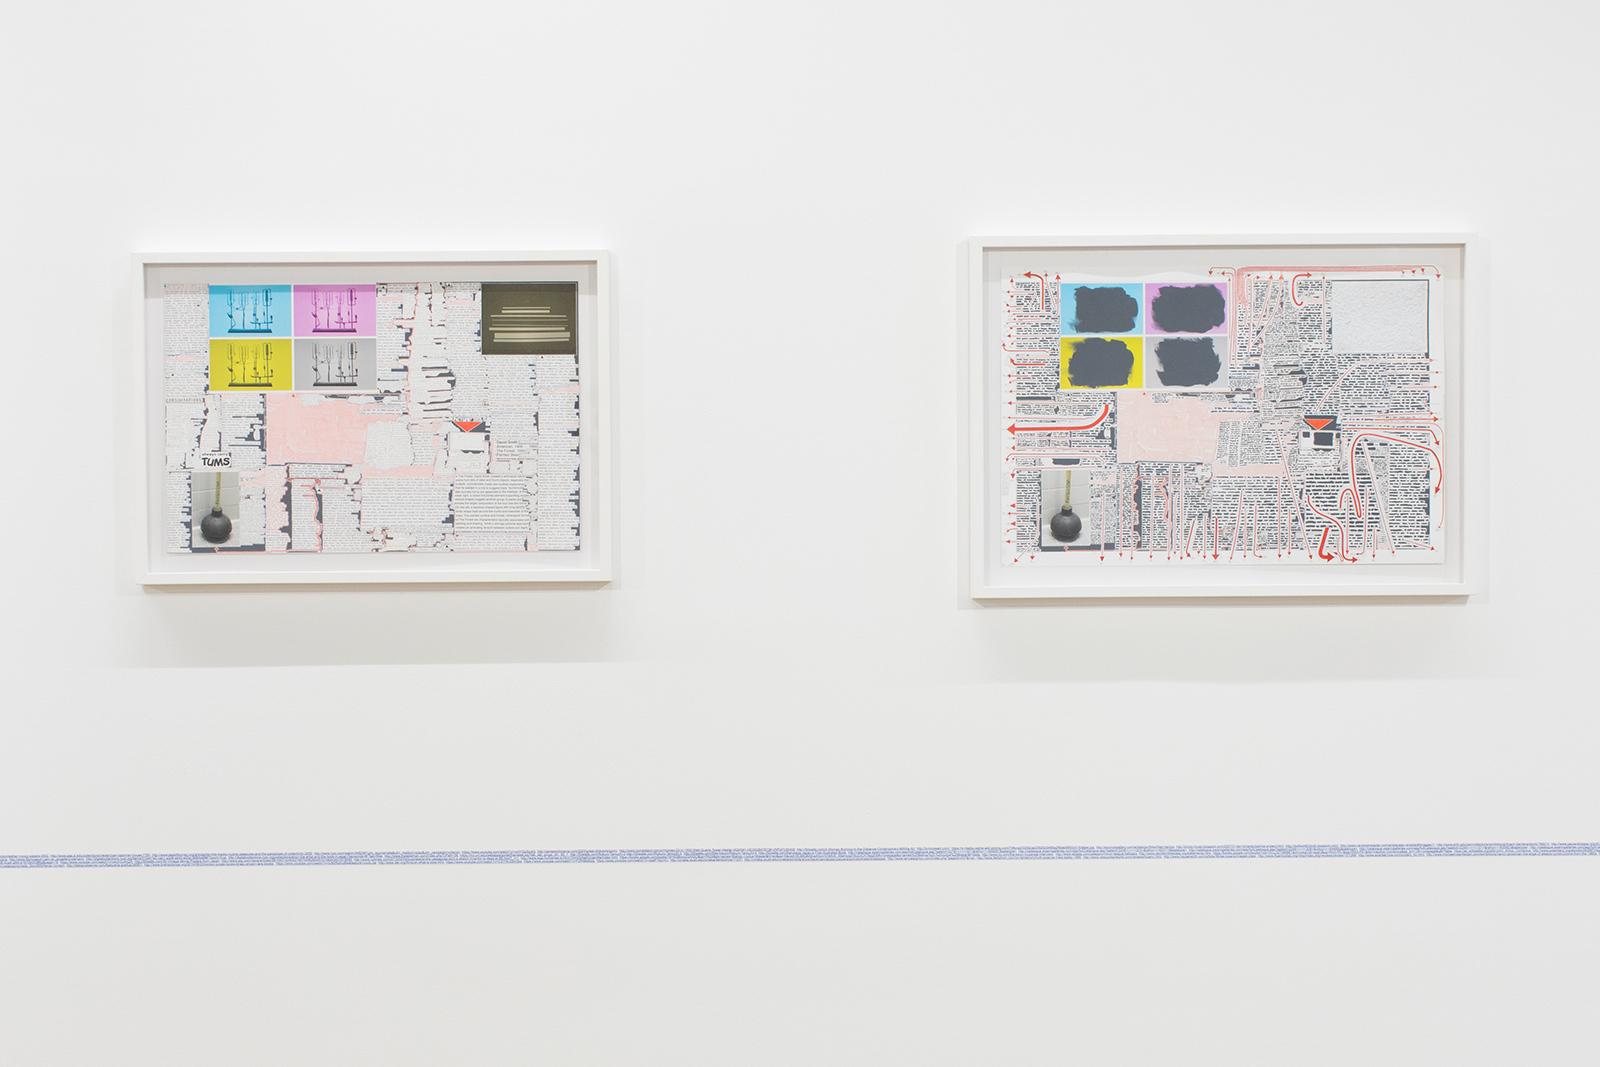 Union-gallery-matthewsontheimer015